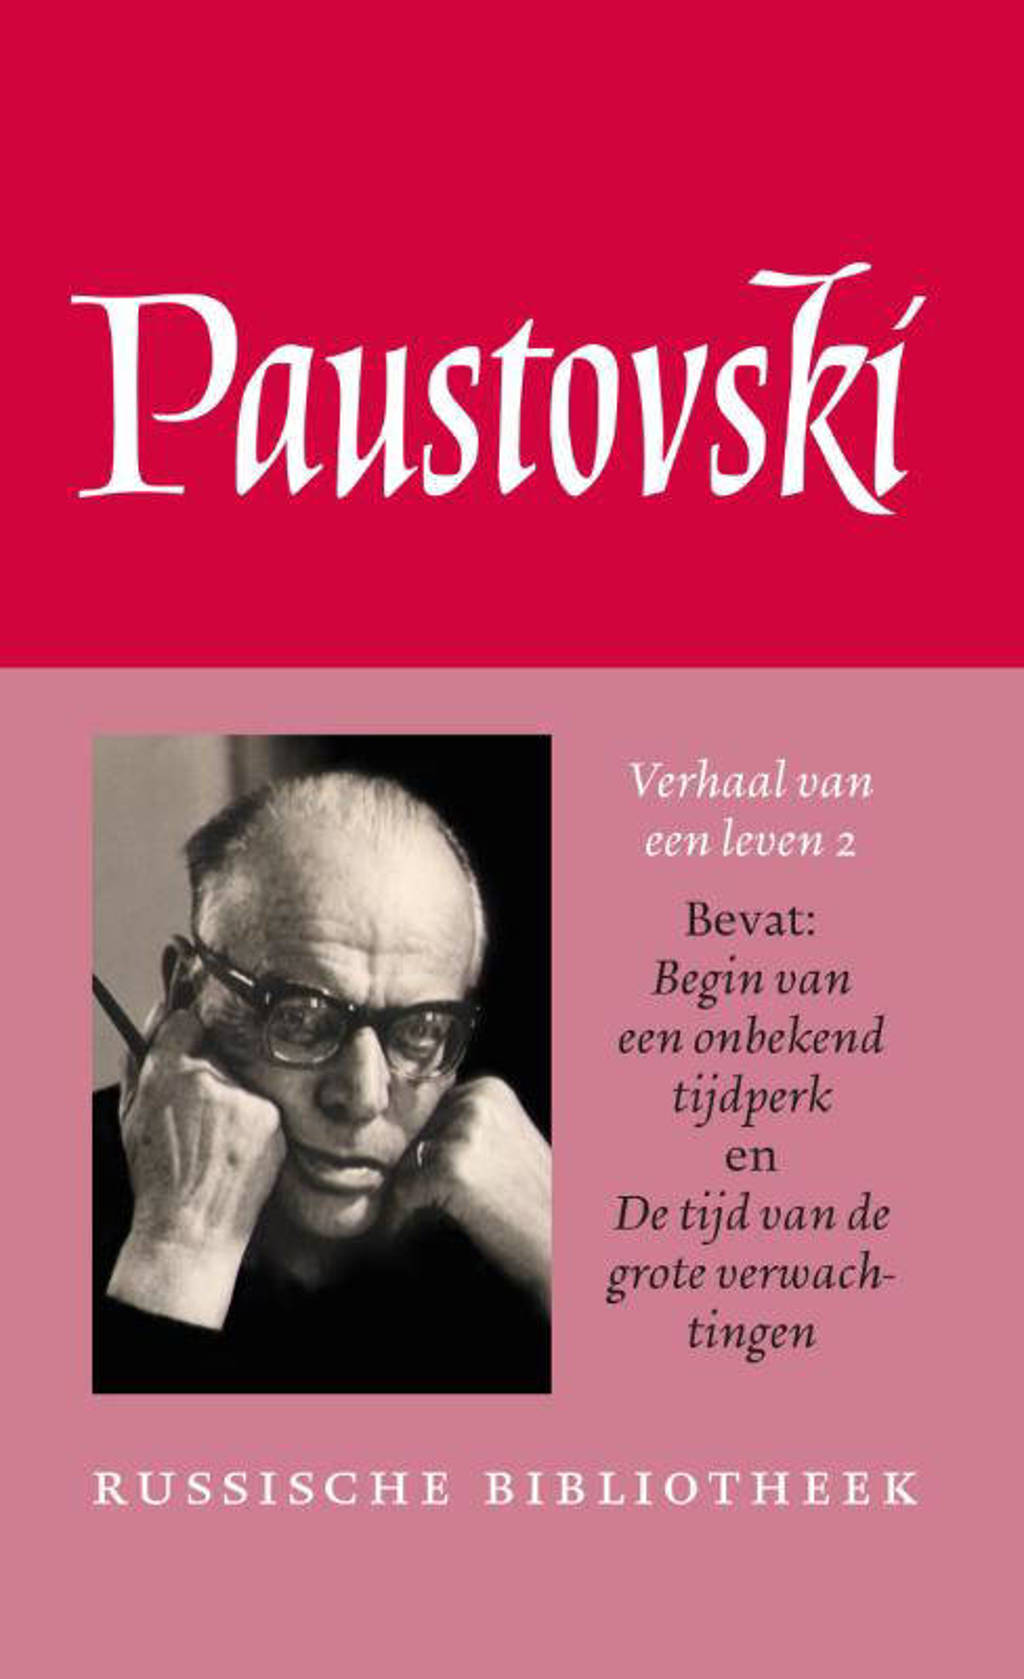 Russische Bibliotheek: Verhaal van een leven 2 Begin van een onbekend tijdperk ; De tijd van de grote verwachtingen - Konstantin Paustovski